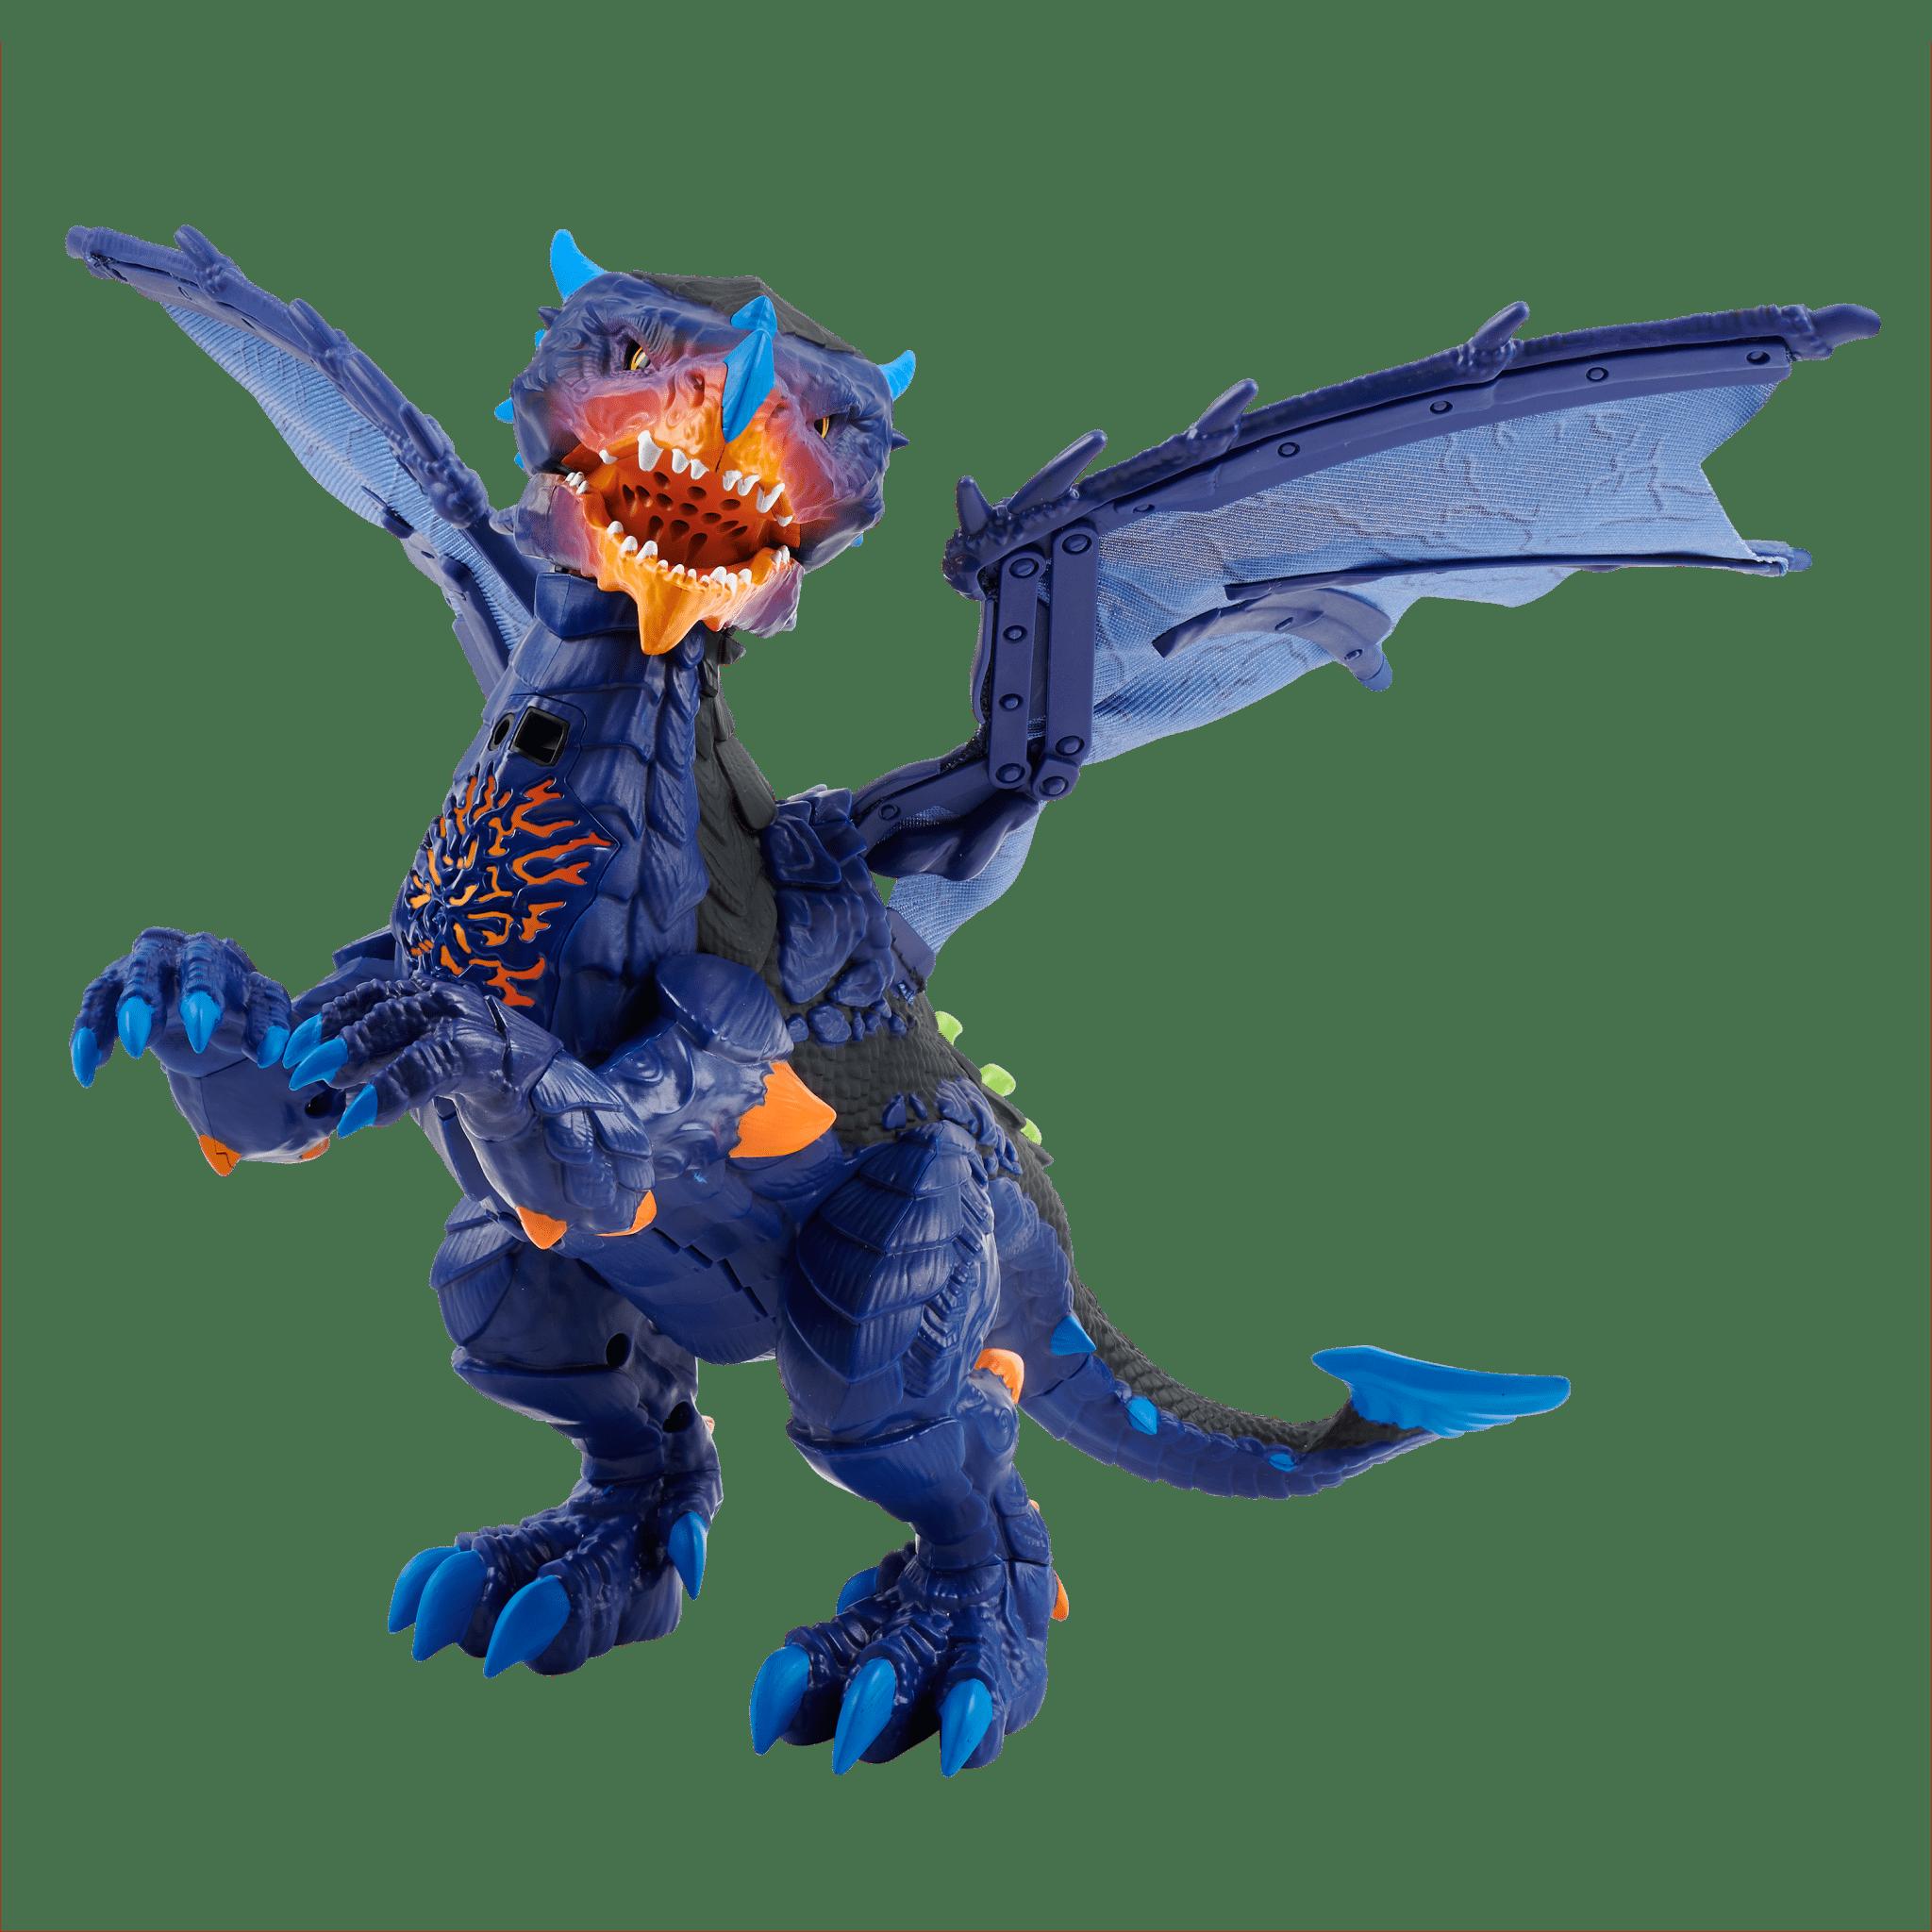 Untamed Legends Dragon - Vulcan (Dark Blue) - Interactive Toy